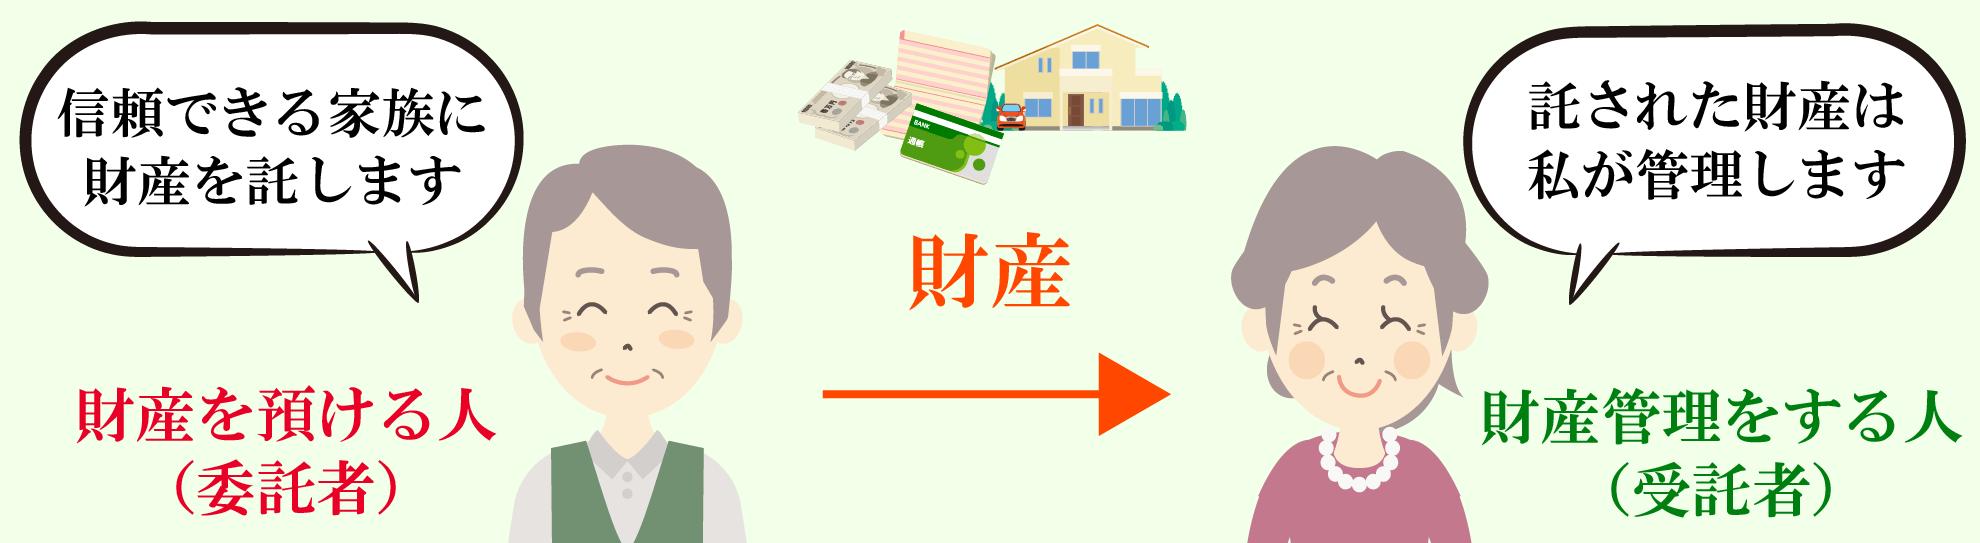 家族信託の説明図